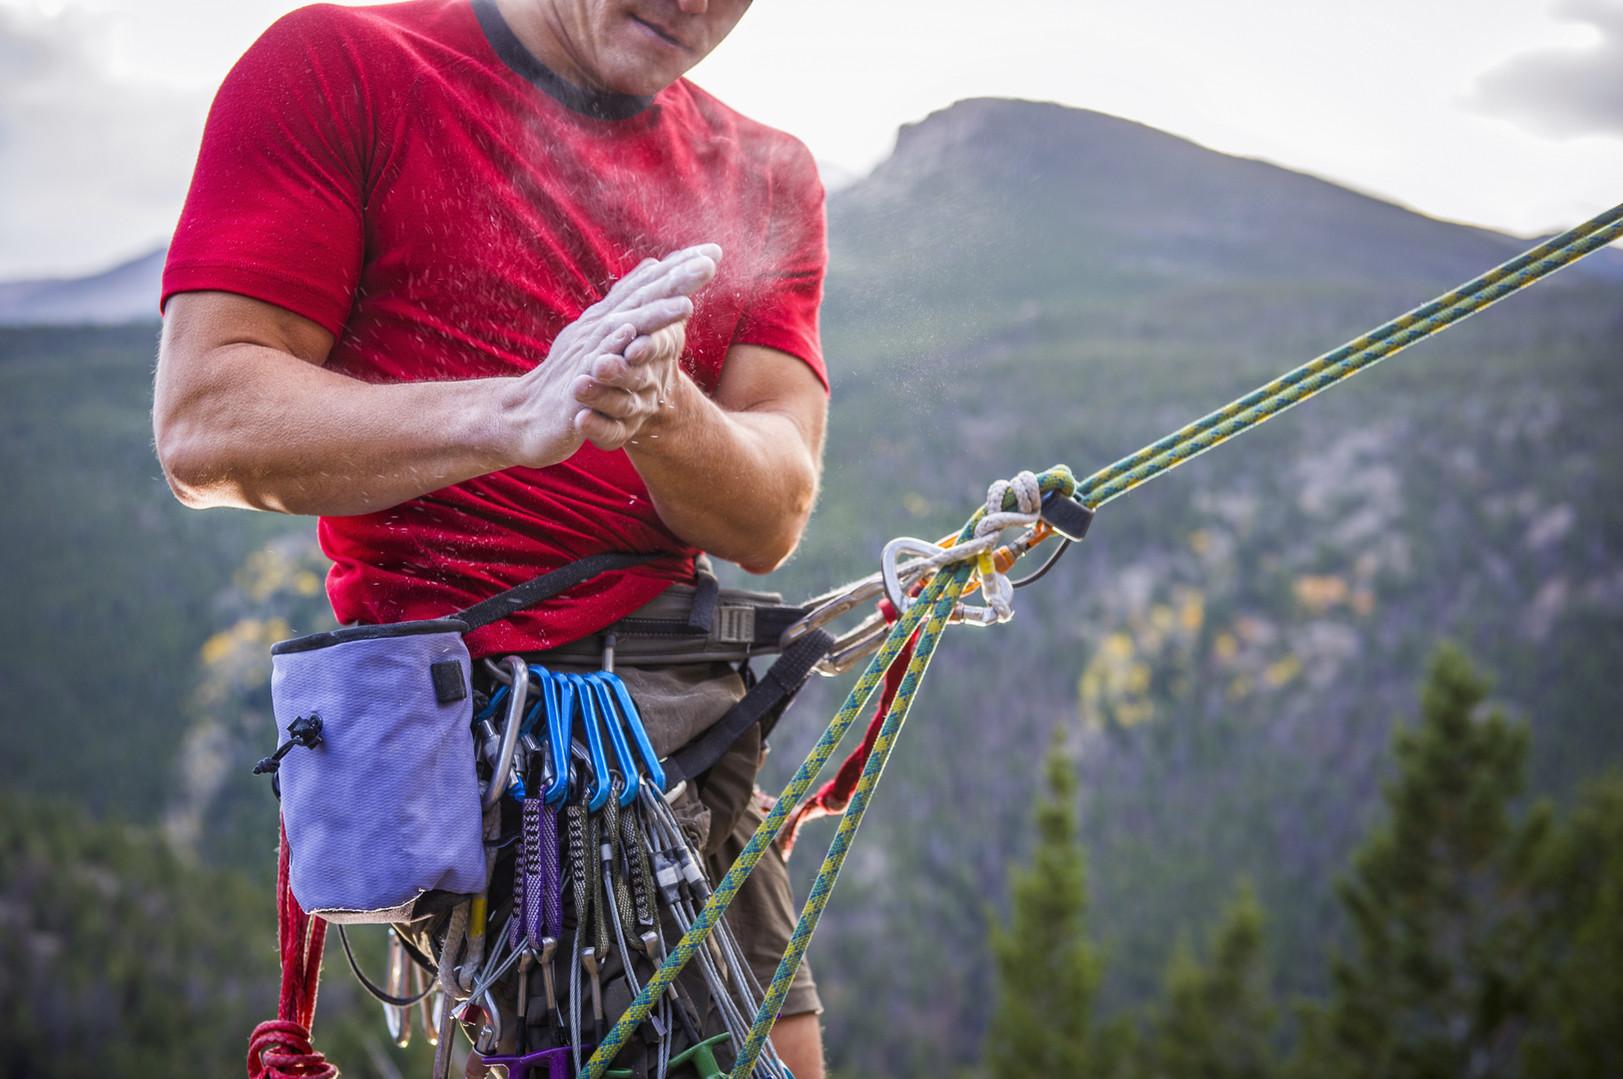 攀岩愛好者製粉手